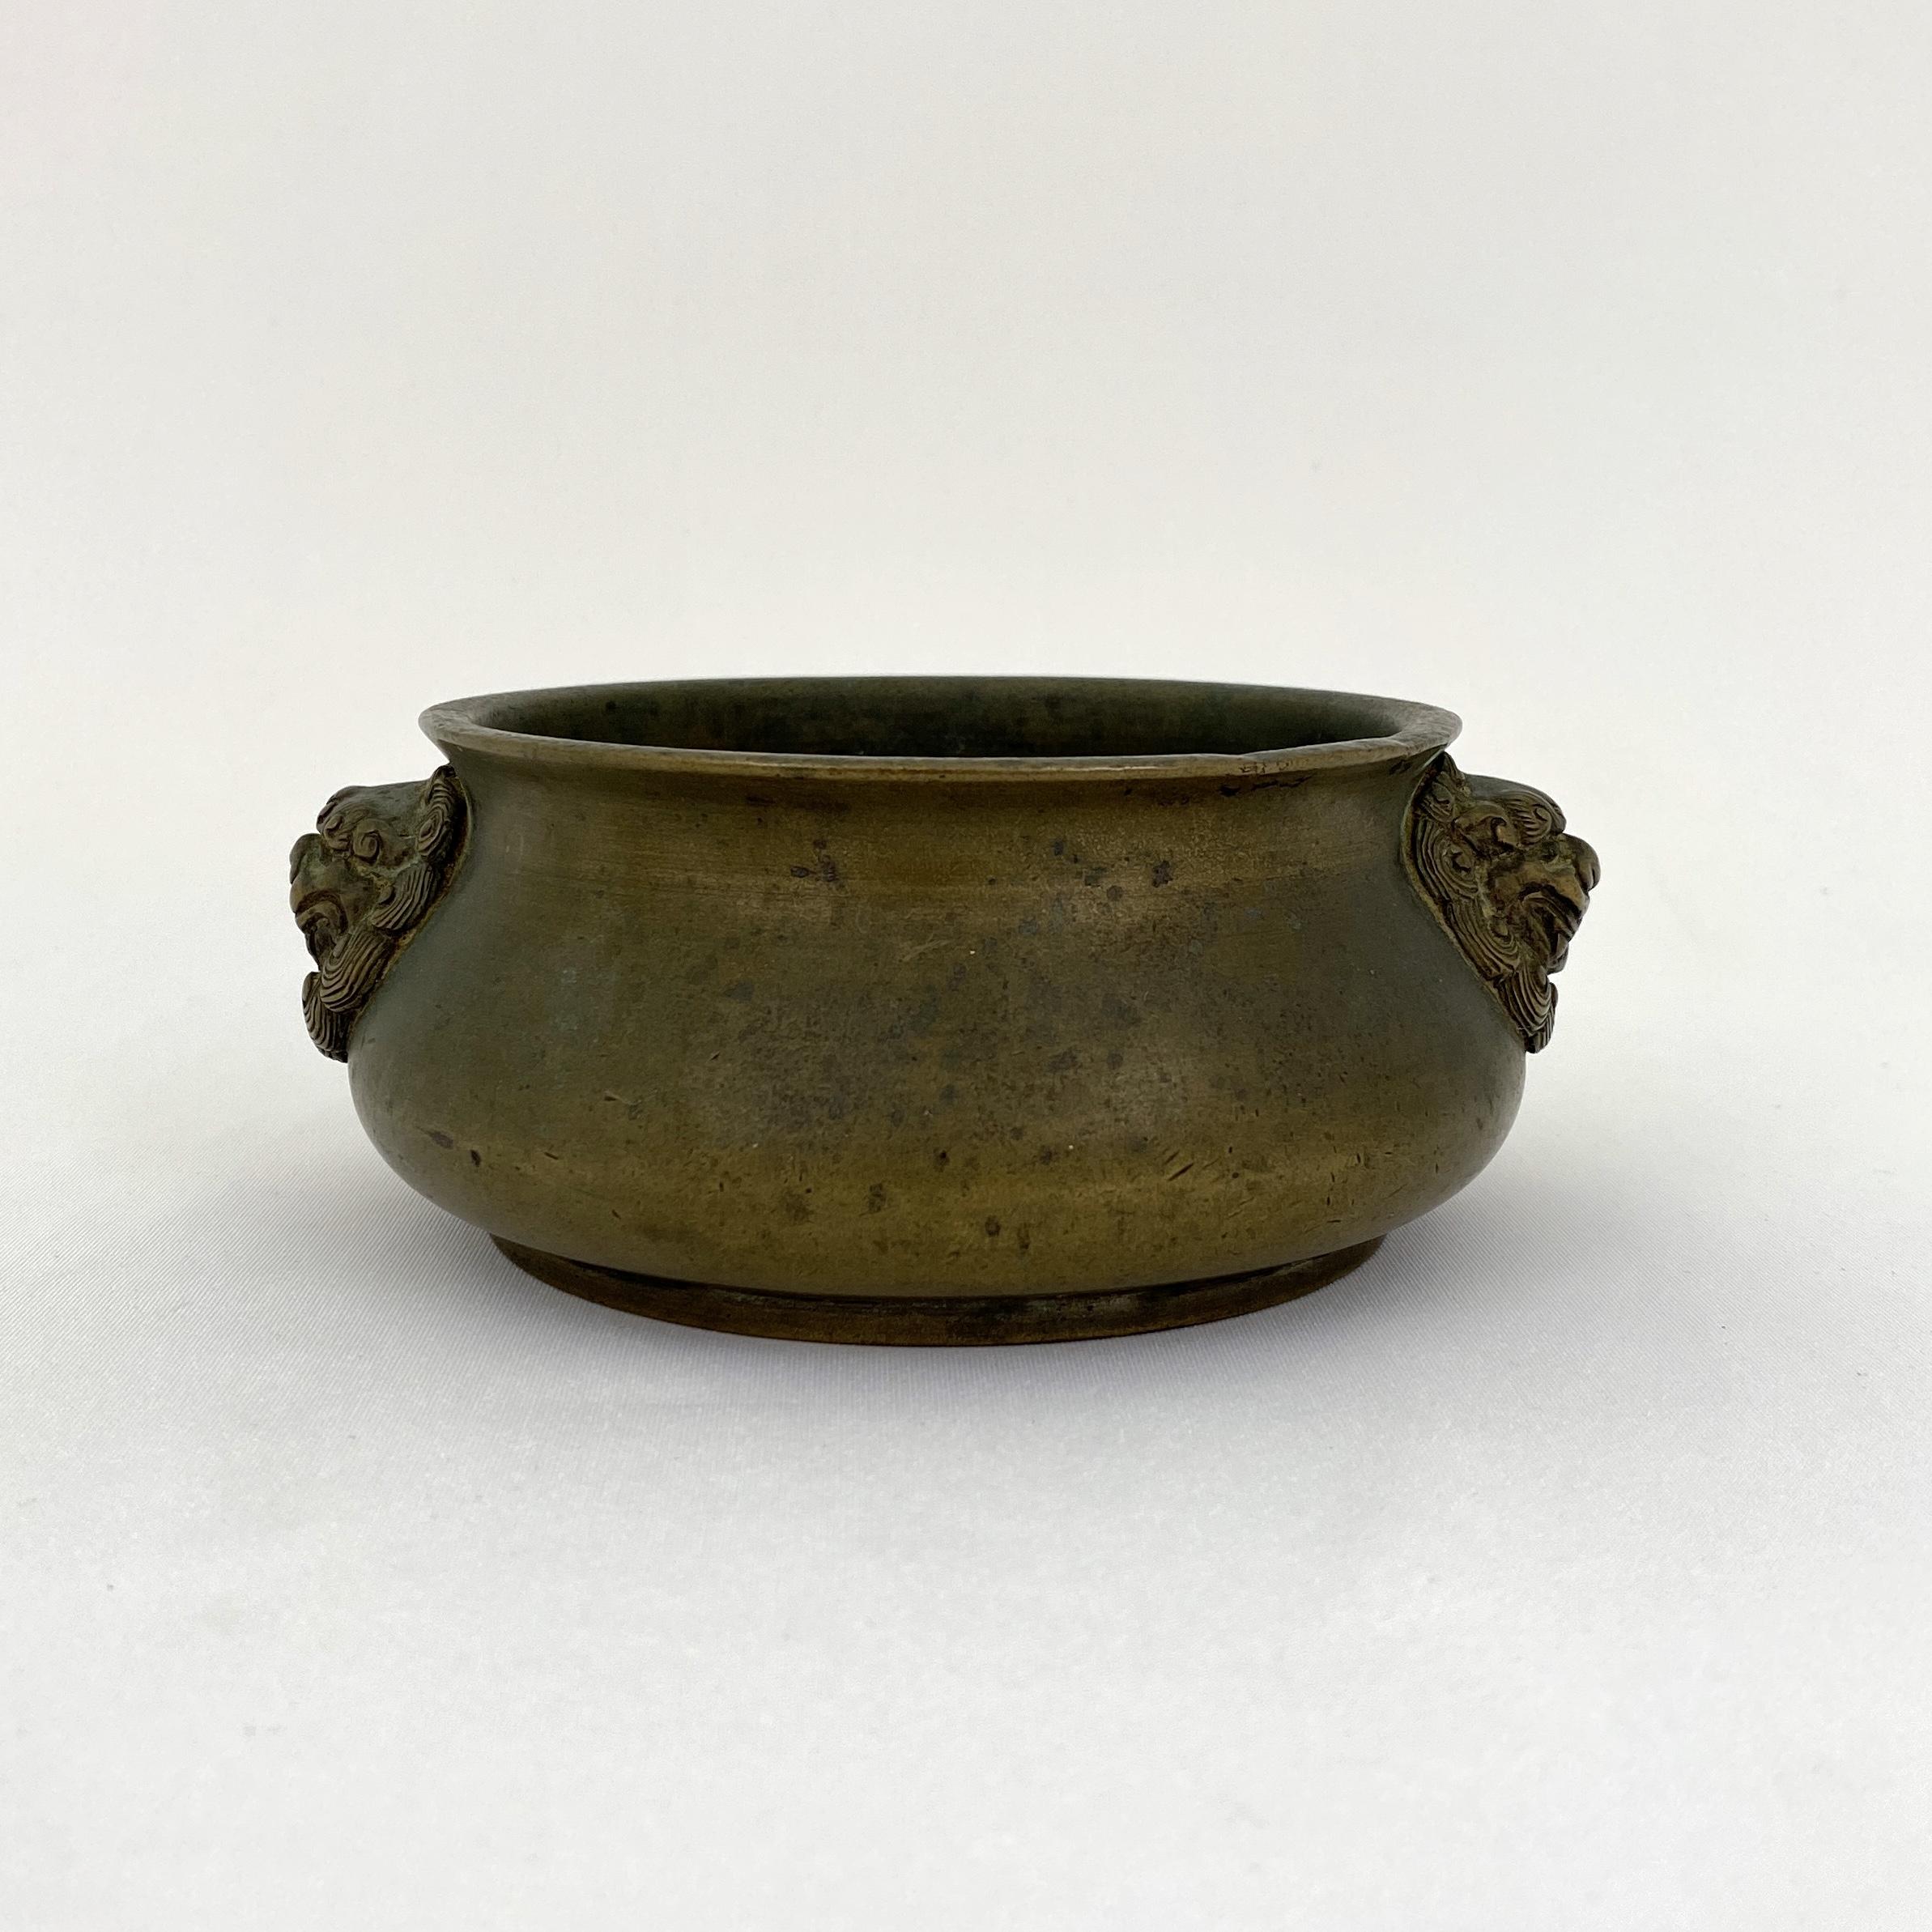 10233明末清初「大明宣徳年製」款 銅 獅耳爐